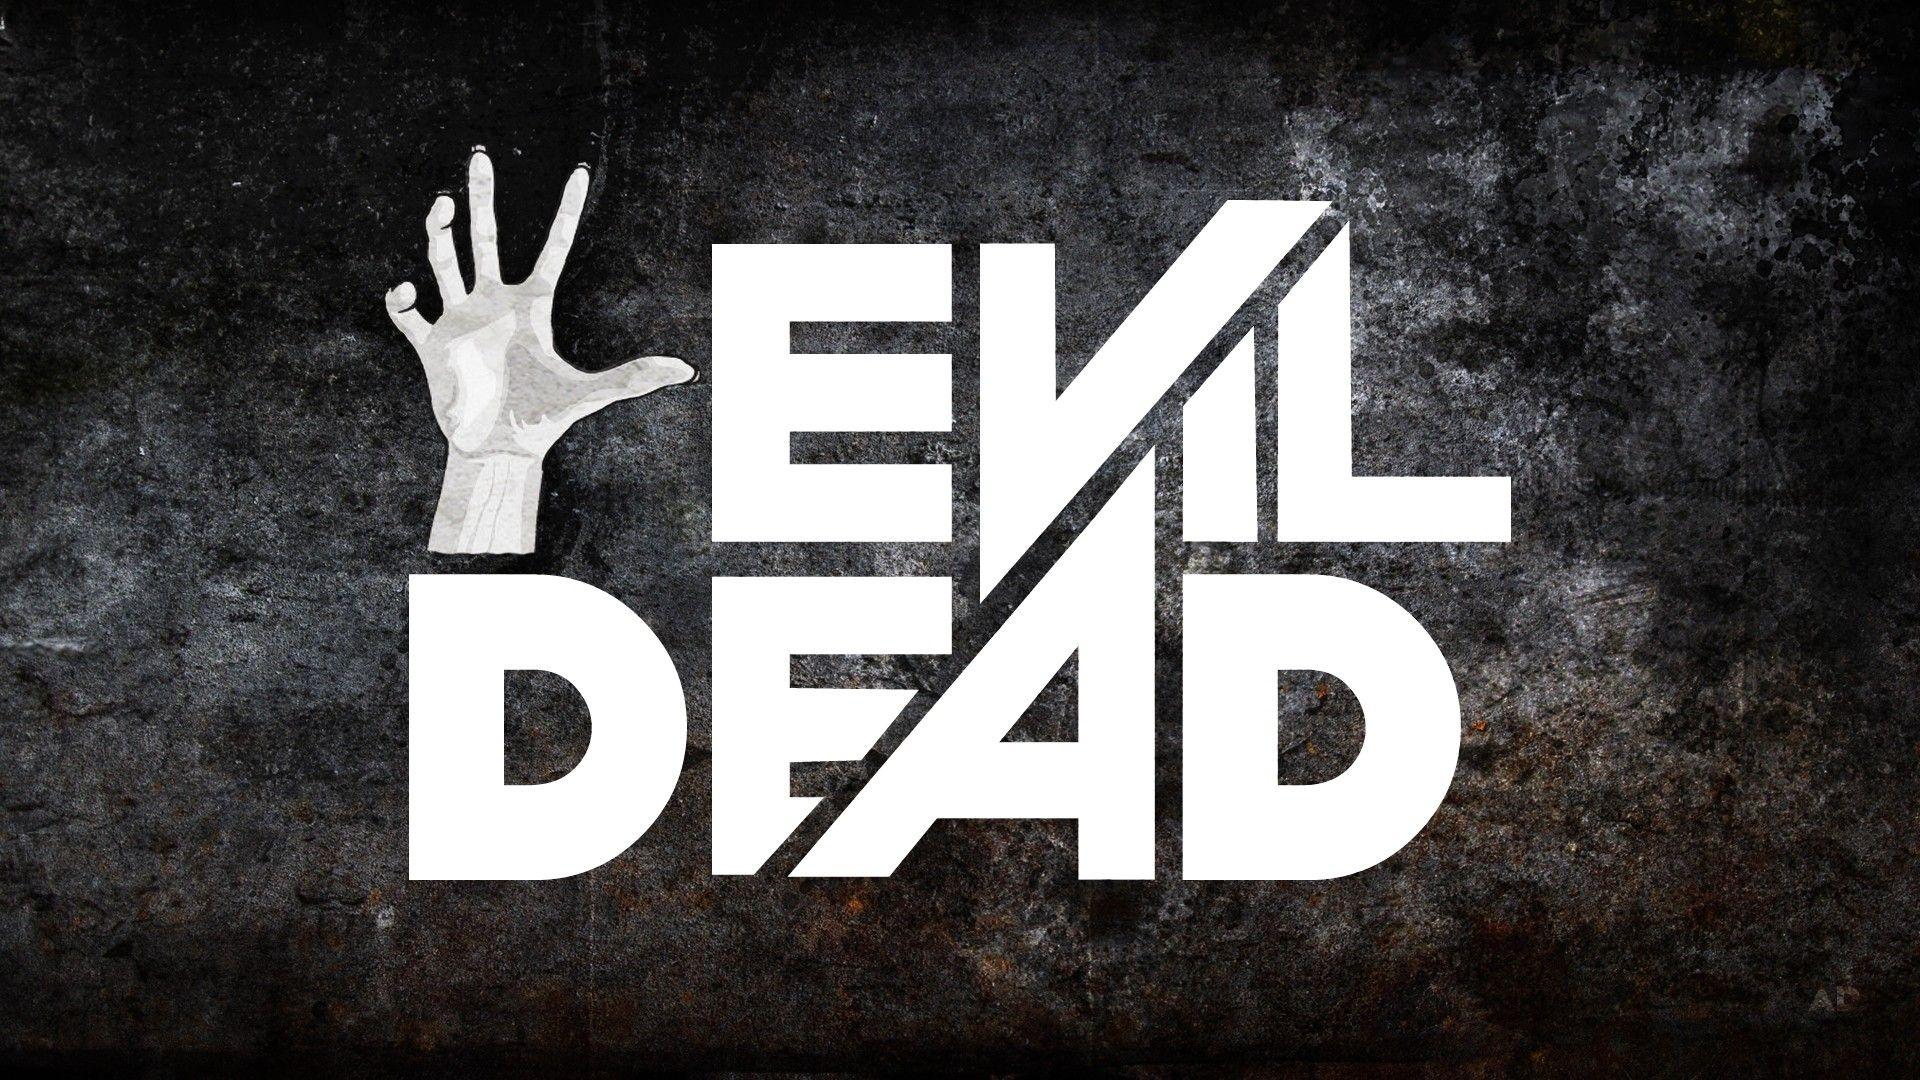 Evil Dead 2015 Wallpapers 1920x1080 - Wallpaper Cave